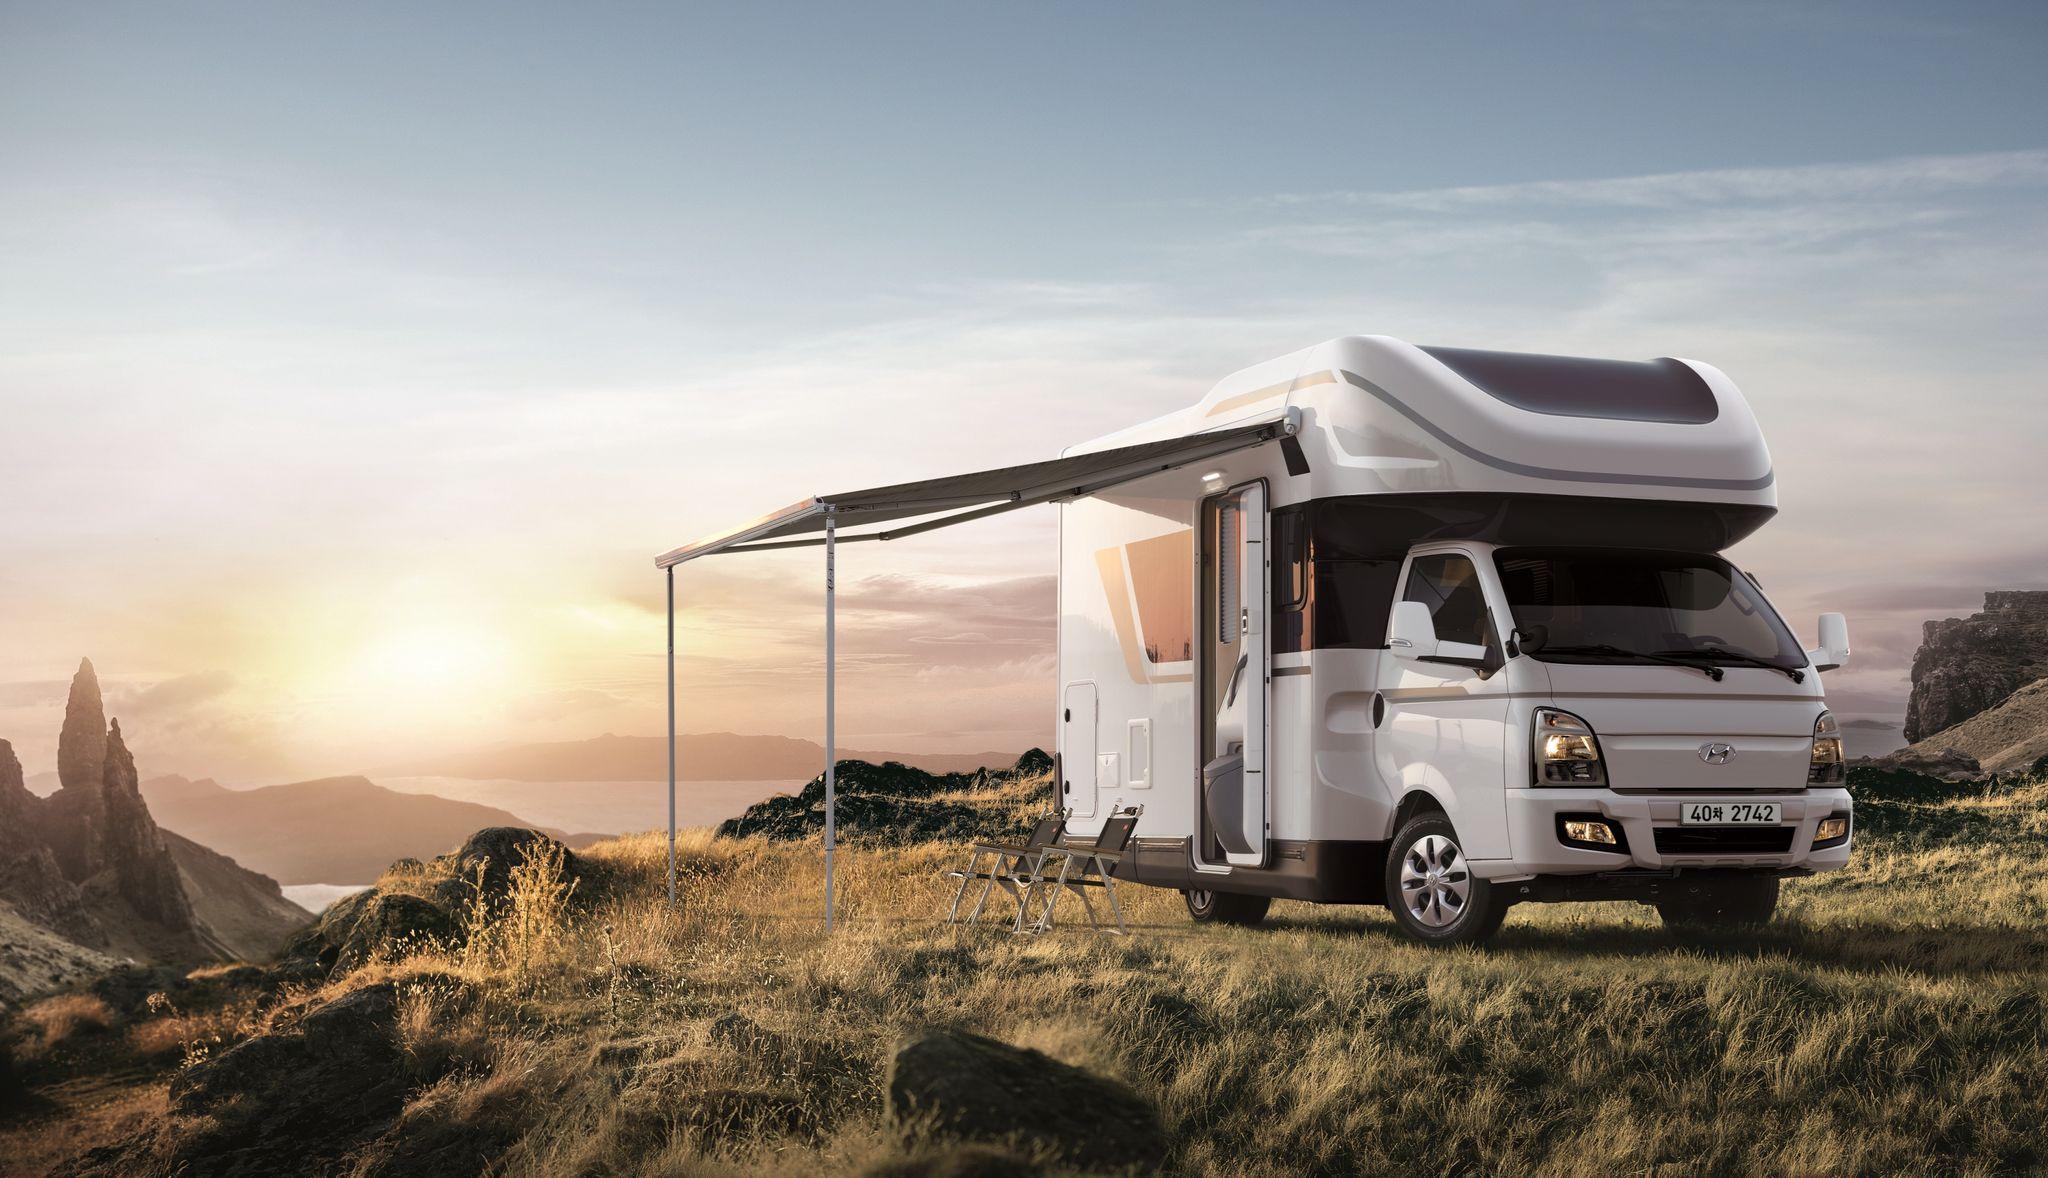 현대차 포터2 기반 캠핑카 포레스트. 사진 현대차